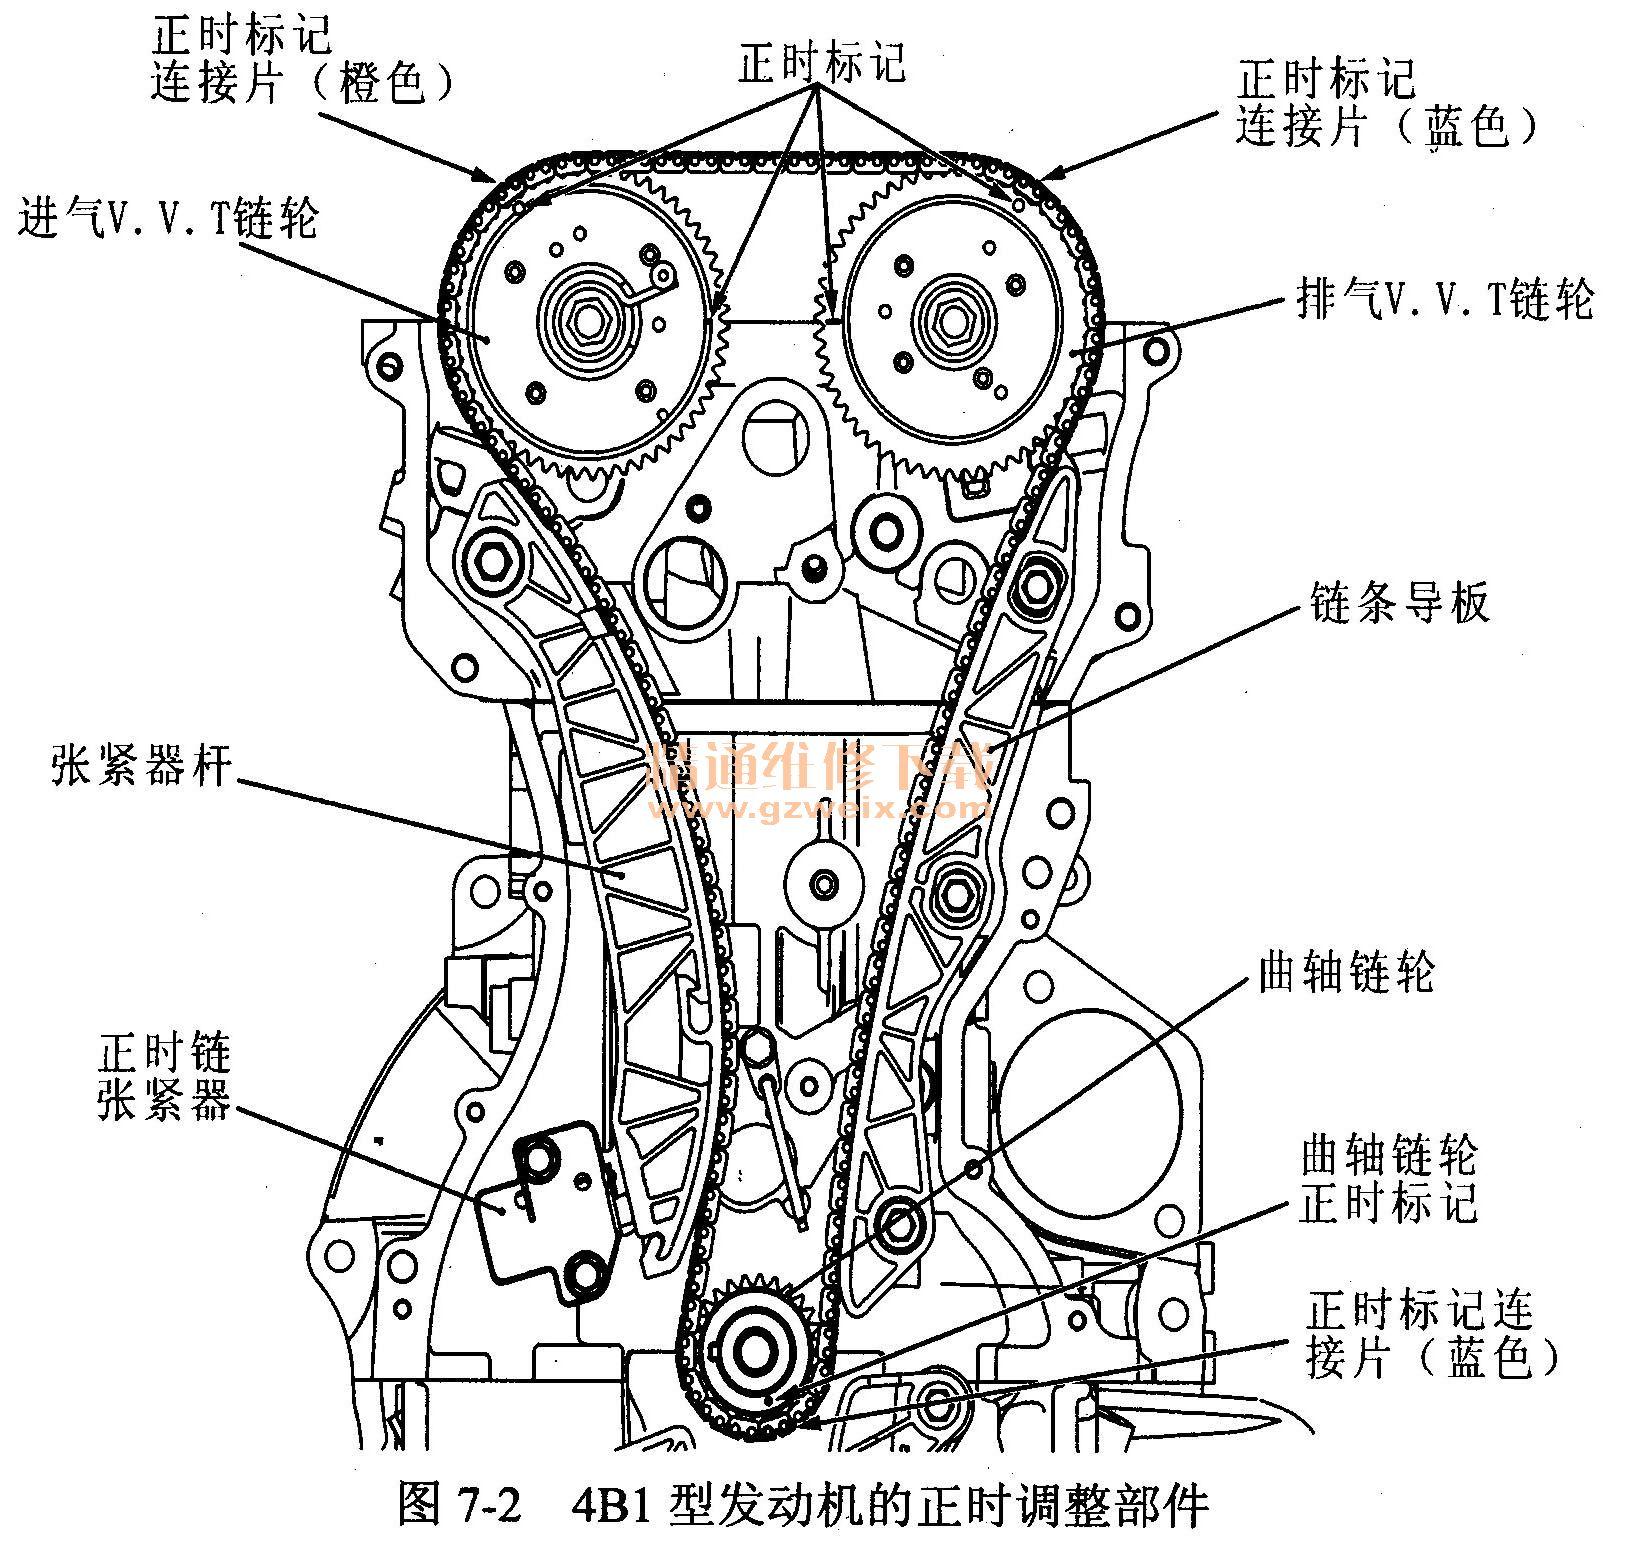 安装2011腾讯qq_三菱欧蓝德(4B1型发动机)正时校对方法 - 精通维修下载